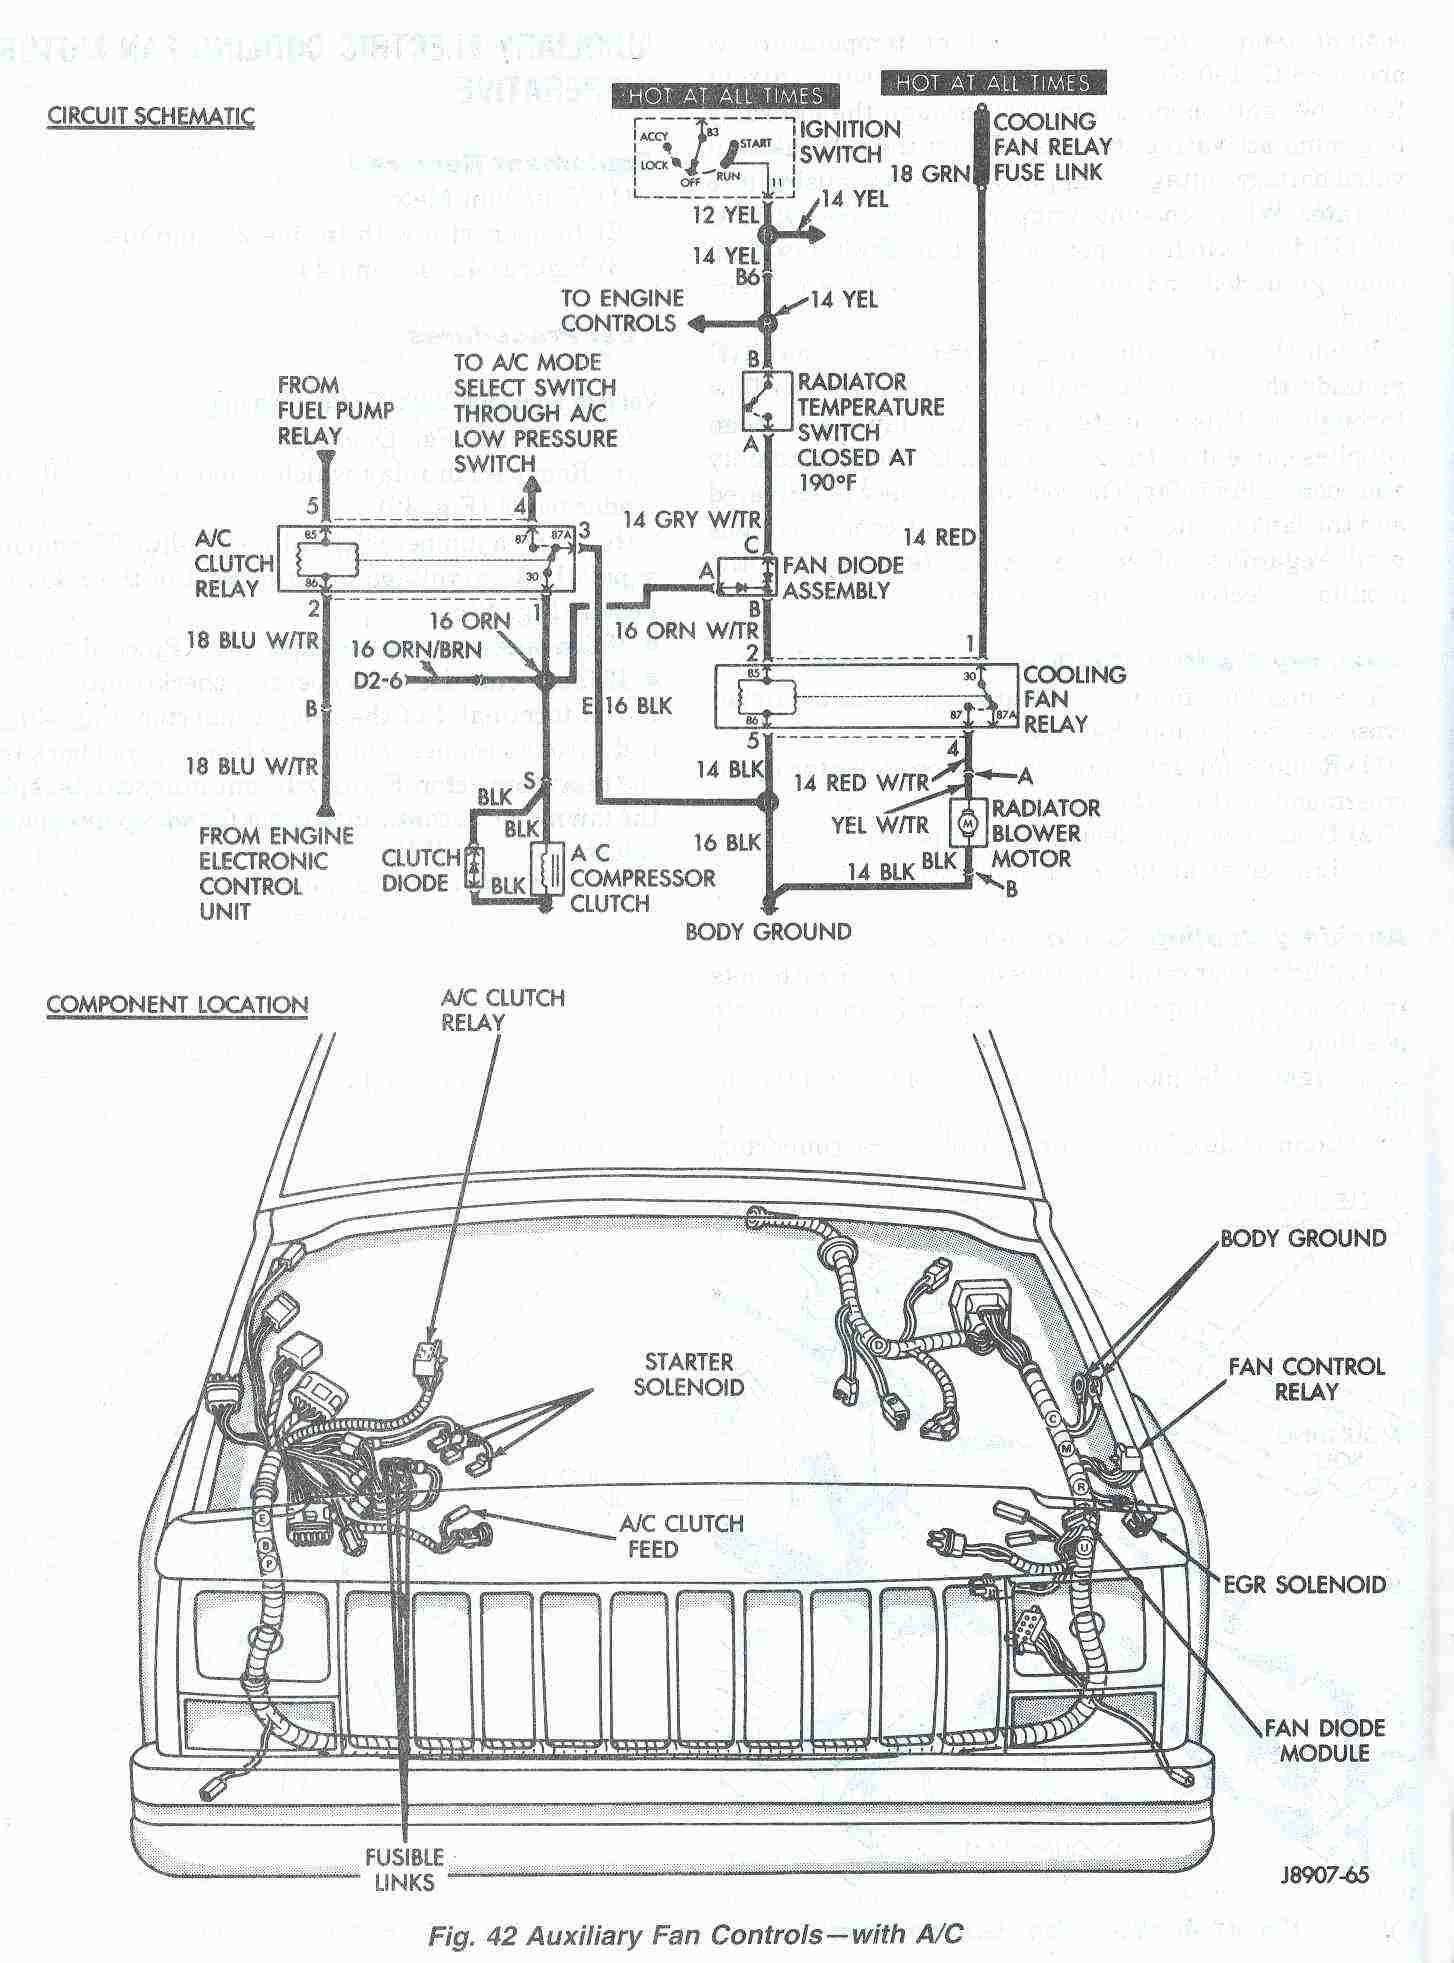 Surprising Wiring Diagram For Electric Radiator Fan Basic Electronics Wiring Wiring Cloud Licukosporaidewilluminateatxorg